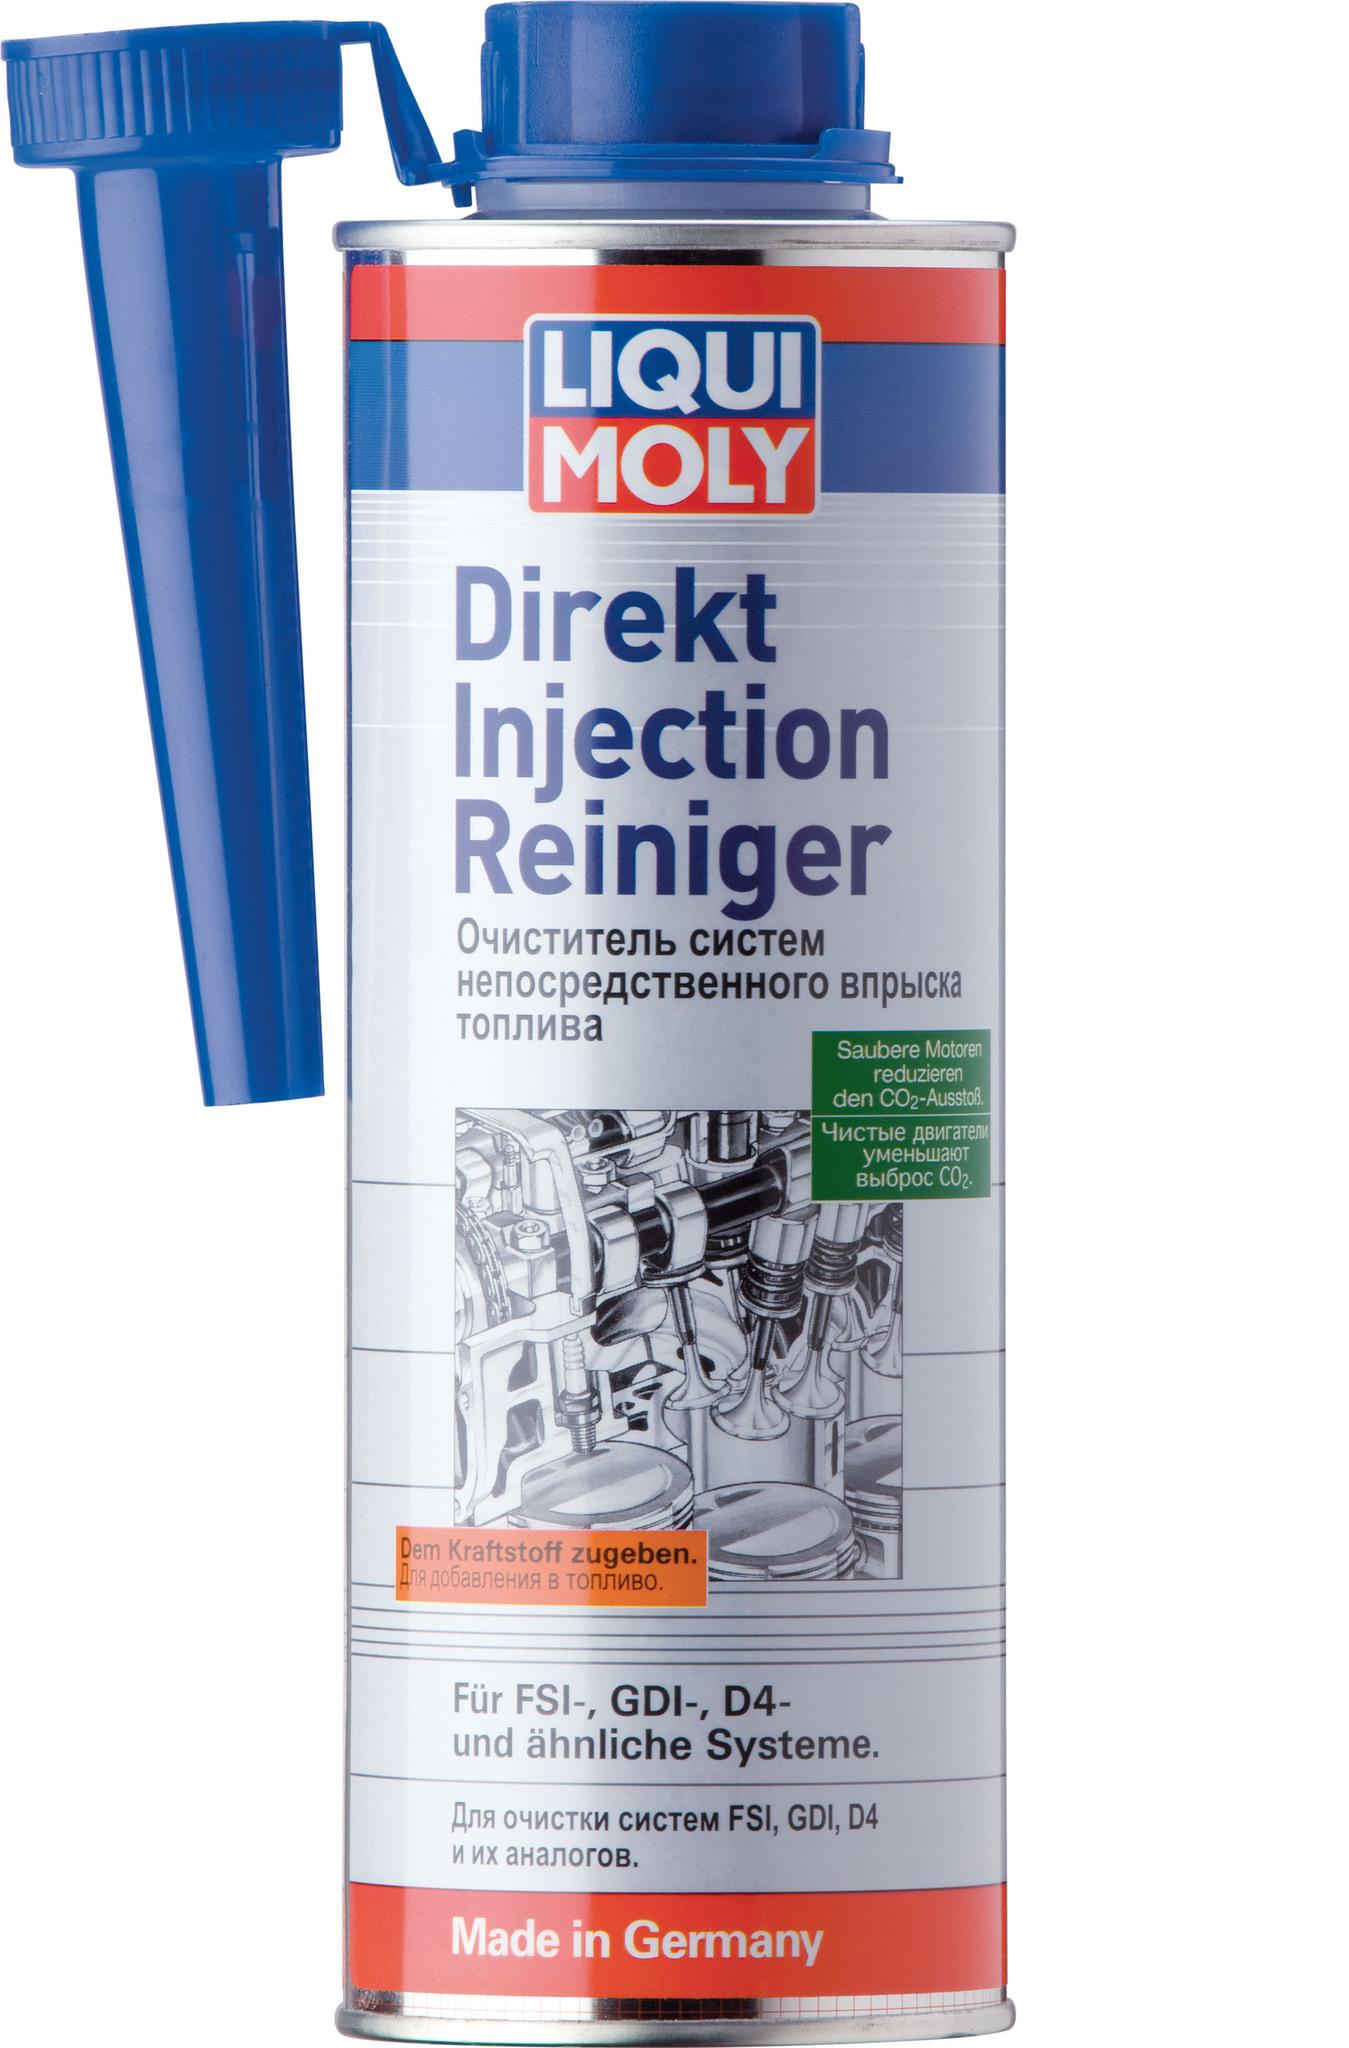 Liqui Moly Direkt Injection Reiniger Очиститель систем непосредственного впрыска топлива